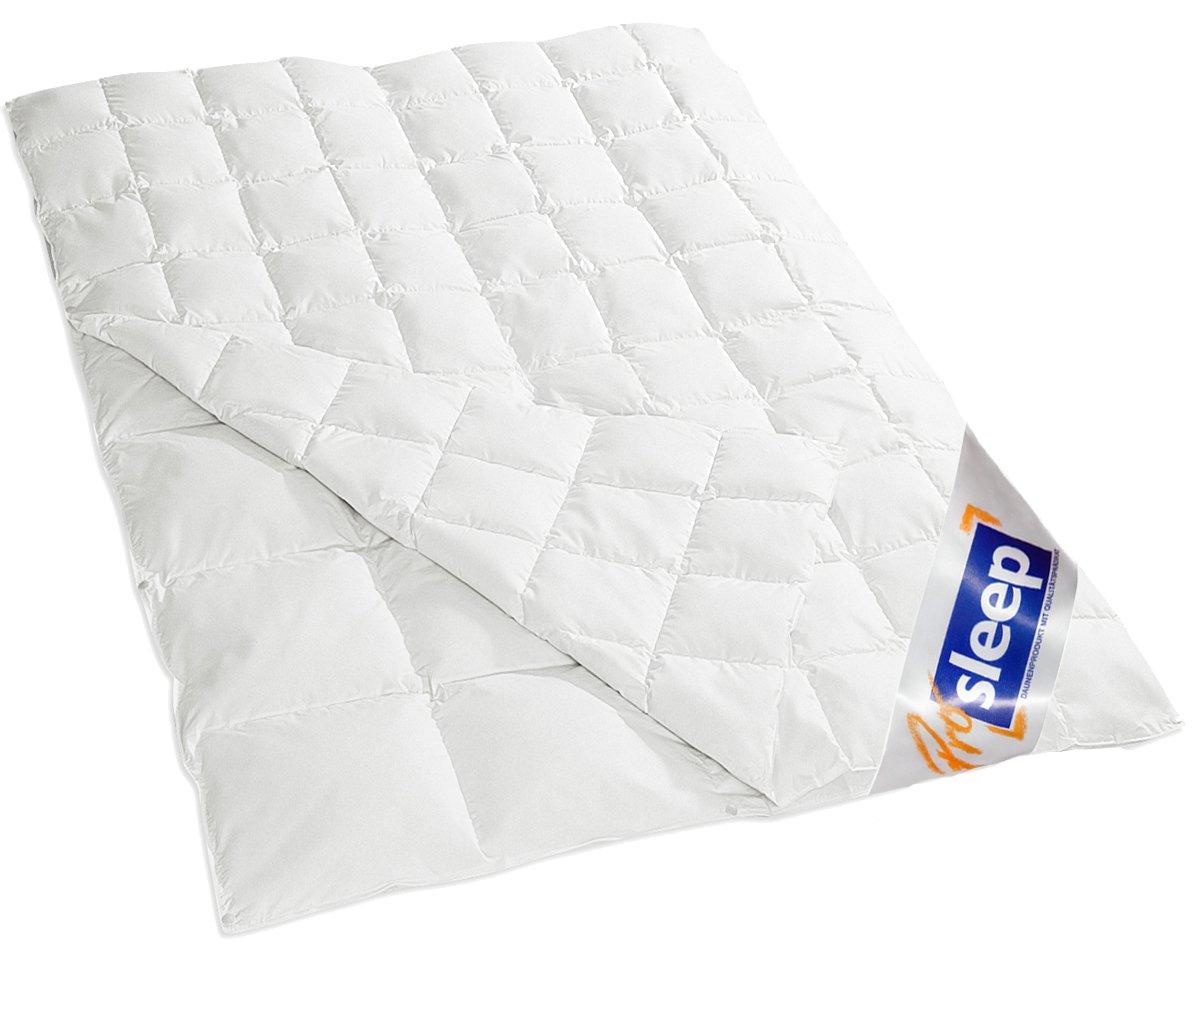 PRO SLEEP  4 Jahreszeitendecke  135x200cm  90% Daune / 10% Federchen  800 gr.  Made in Germany  975.83.001  Kritiken und weitere Informationen